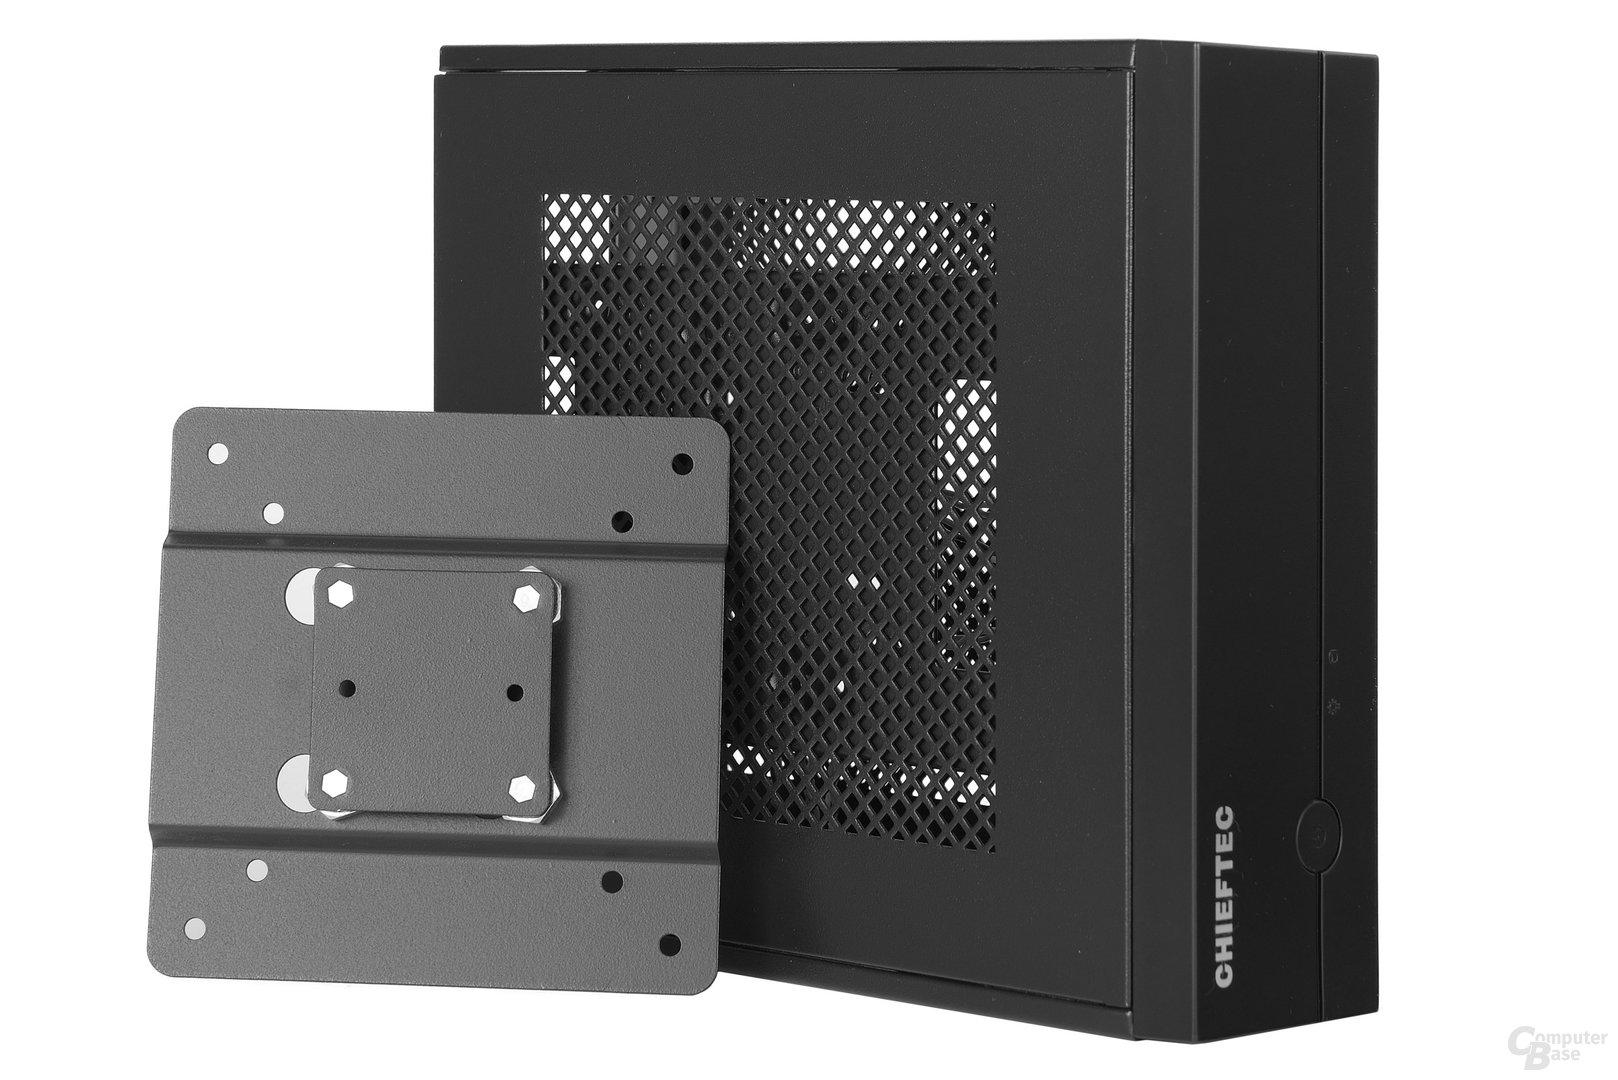 Chieftec IX-01B - Optionale Halterung WMK-04 für Monitore